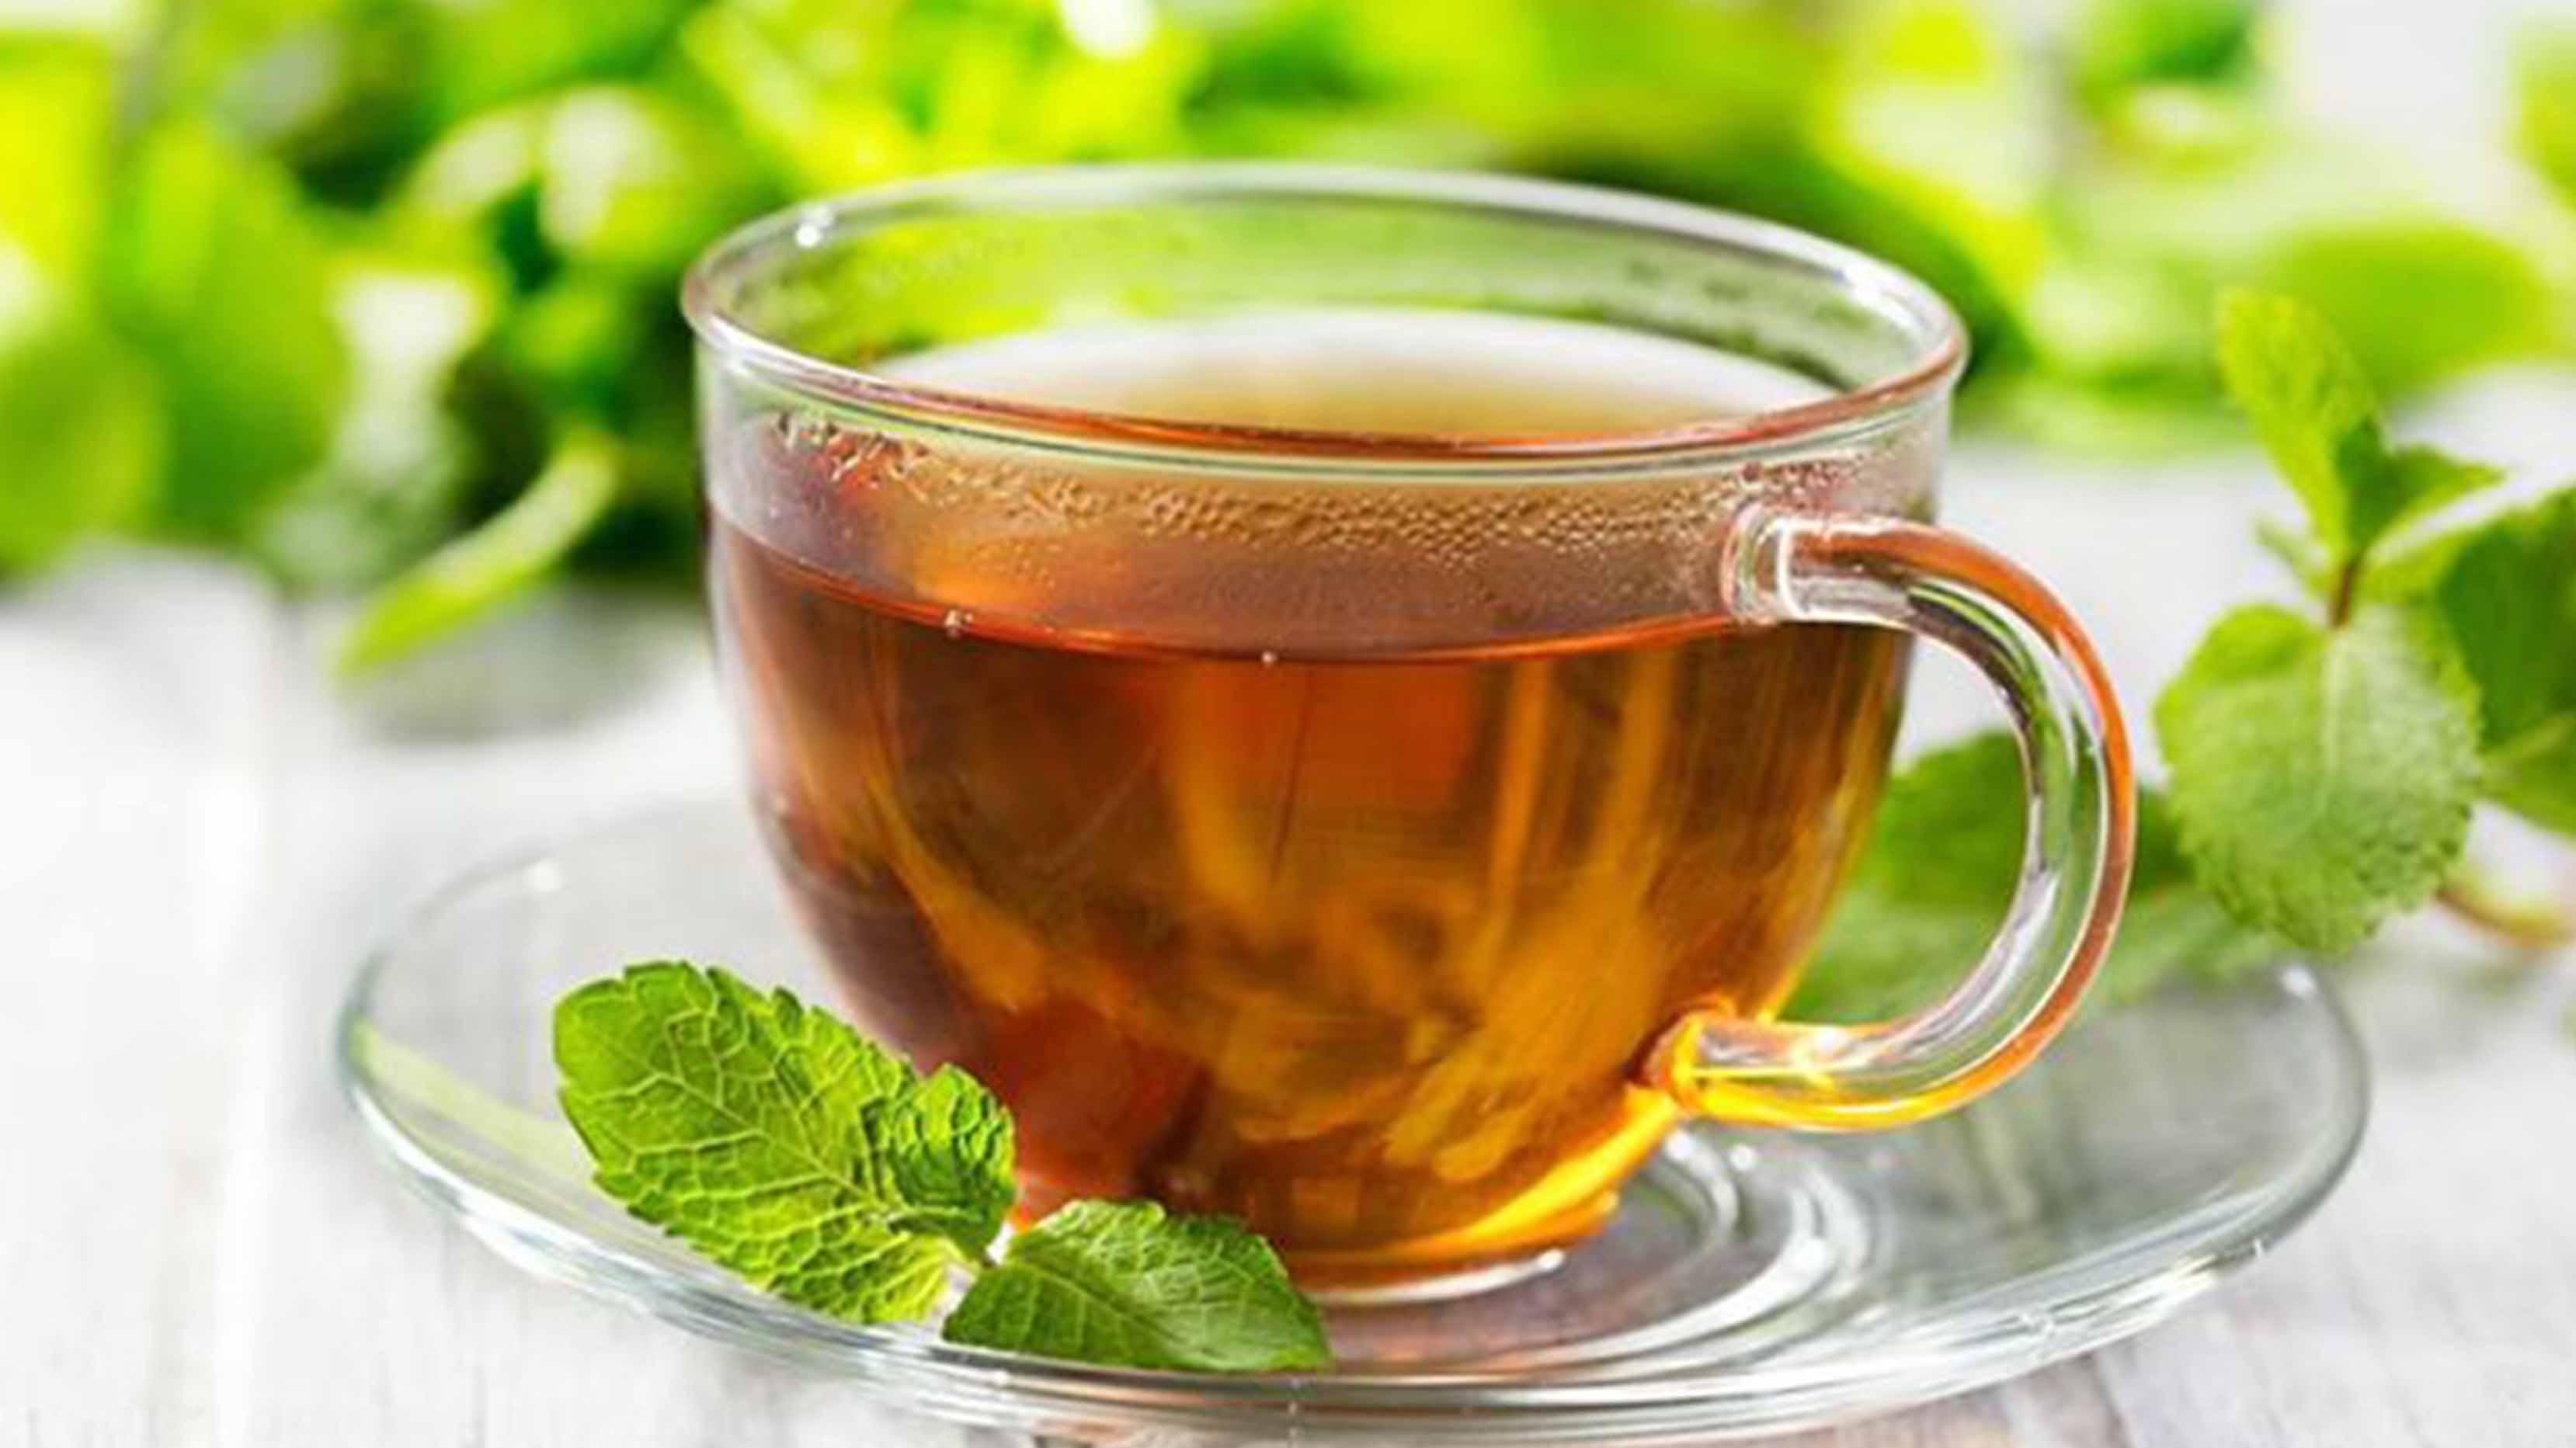 Смотреть Можно ли беременным чай с мятой Чай с мятой: польза и вред видео